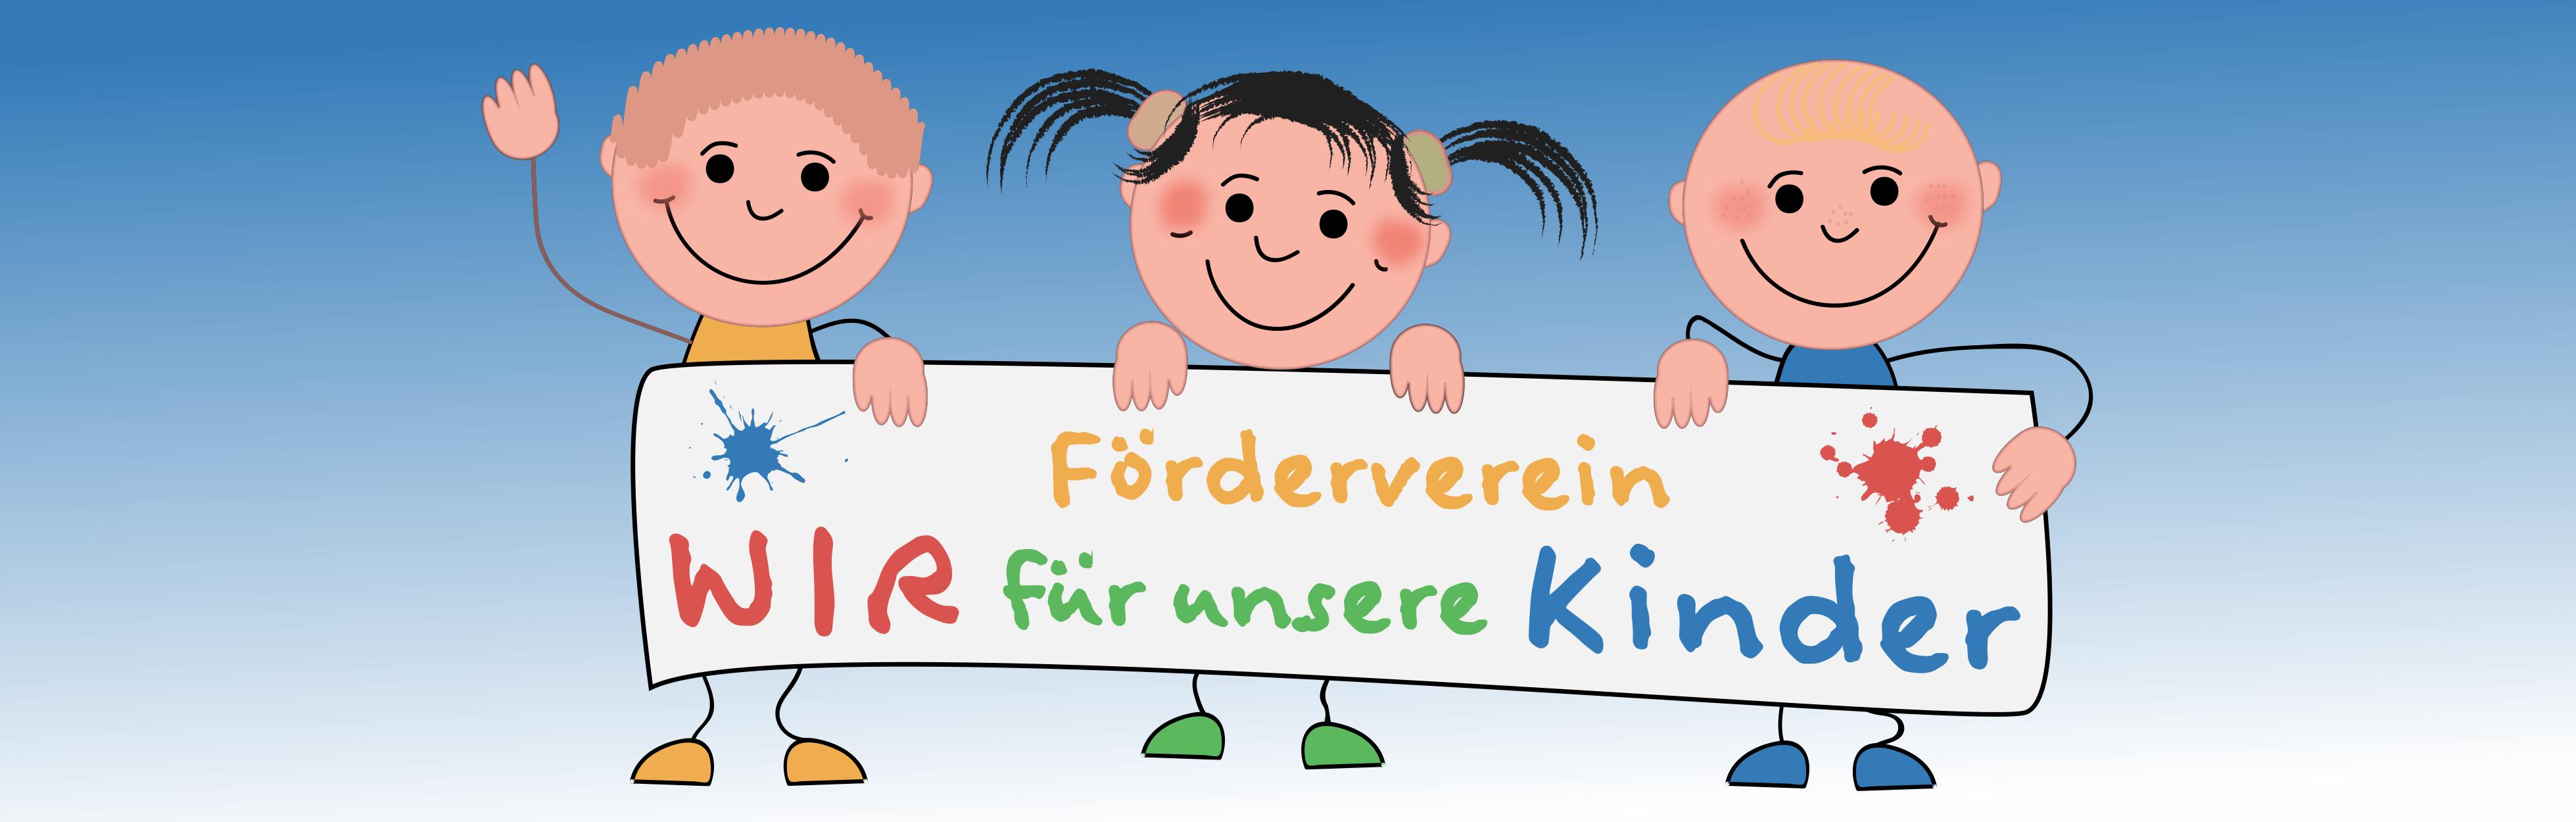 Förderverein WIR für unsere Kinder e. V.